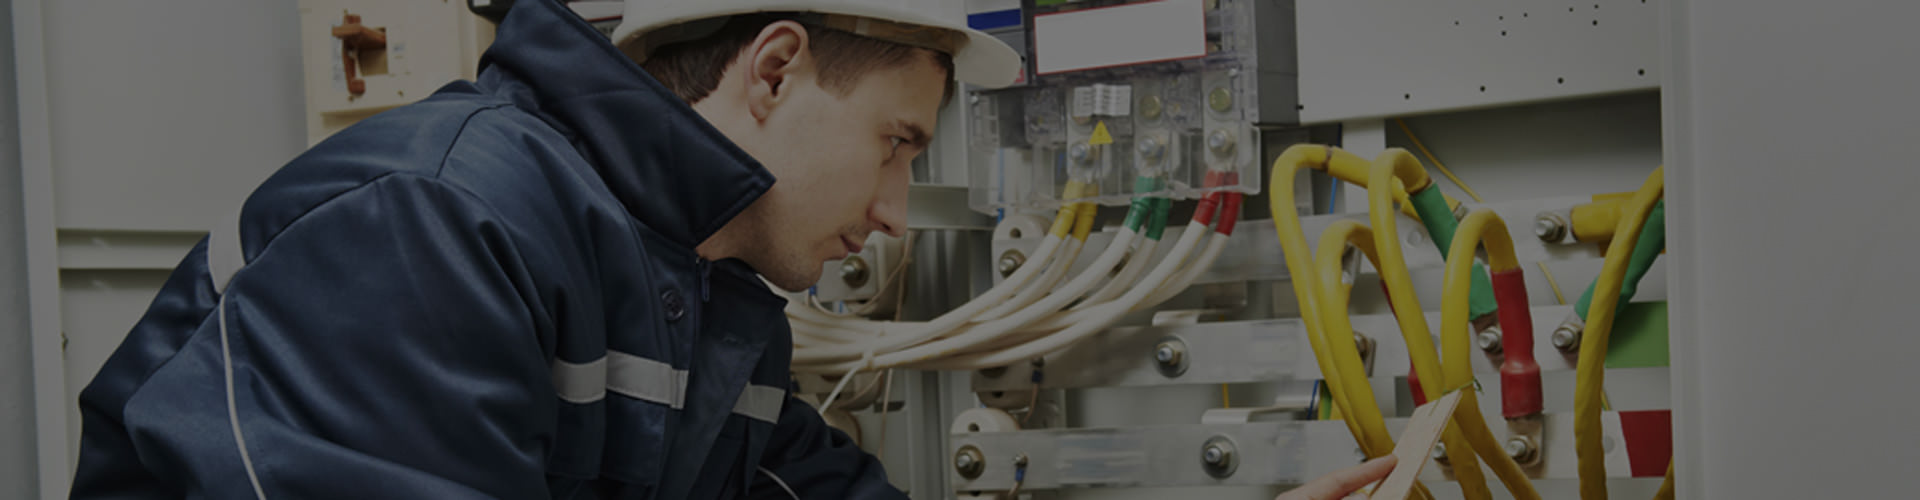 Услуги по замене электропроводки в Кишинёве